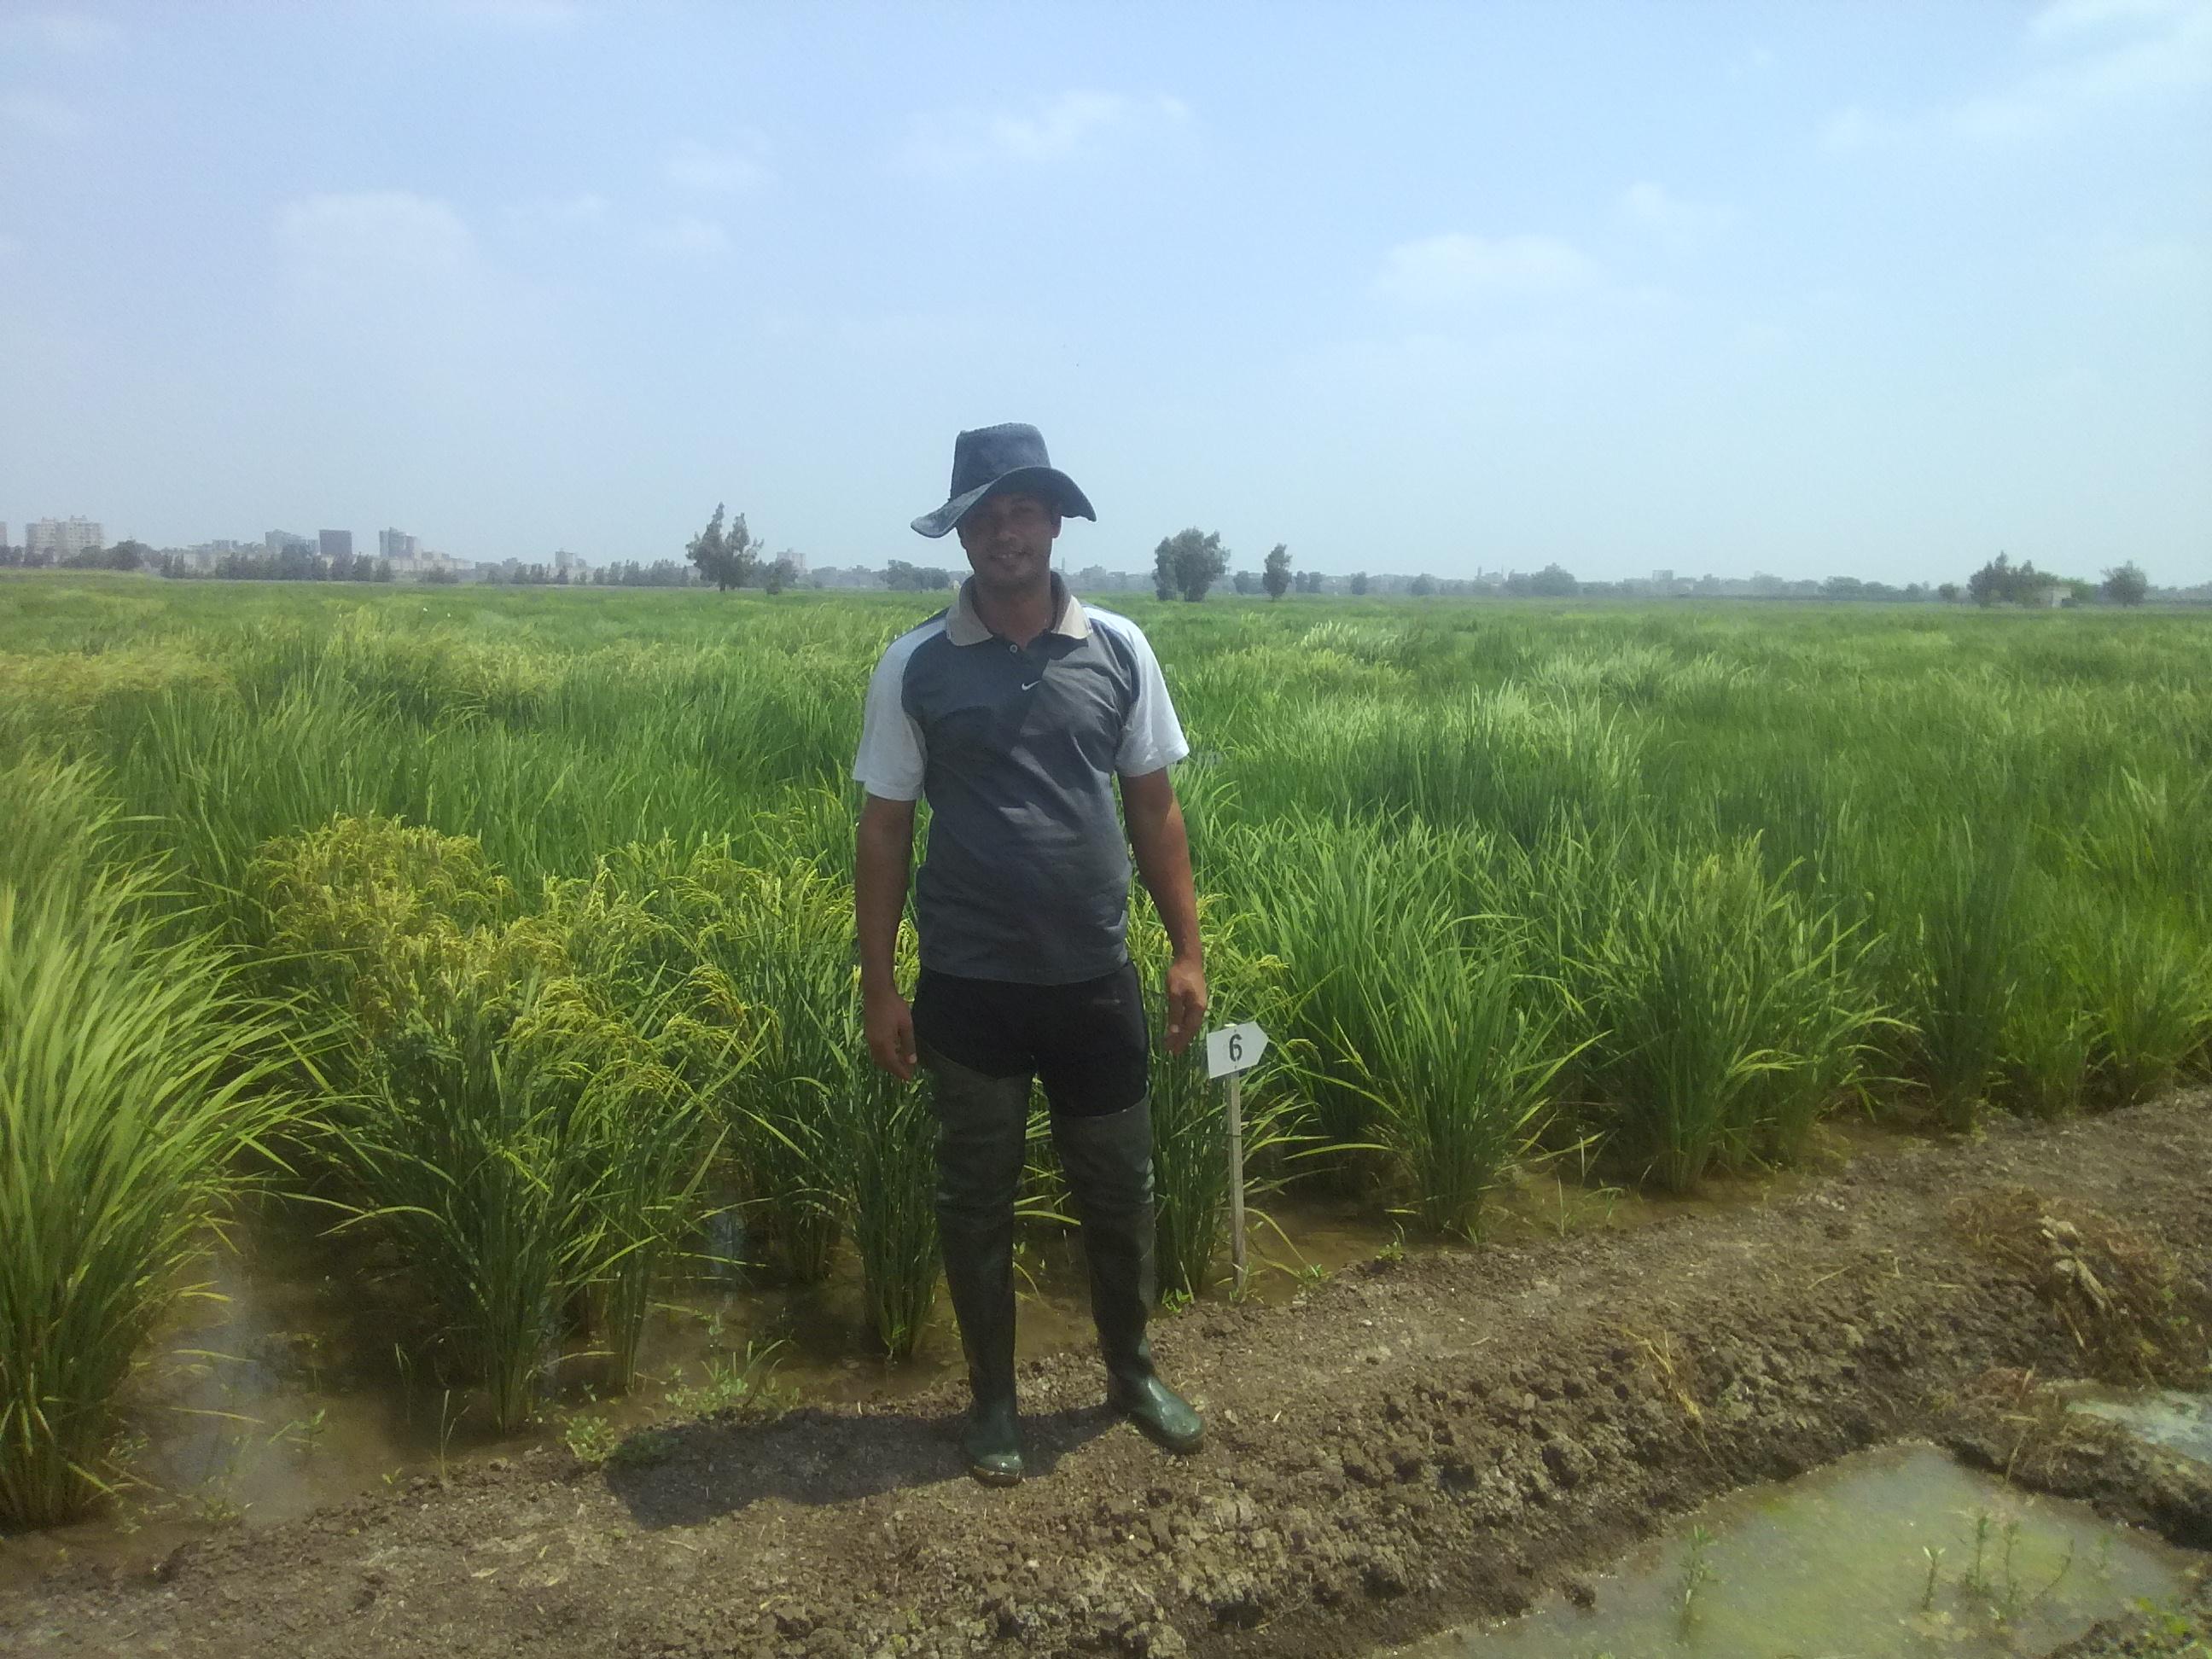 3- حرص المهندسين الزراعيين على متابعة الحقول الاغرشادية